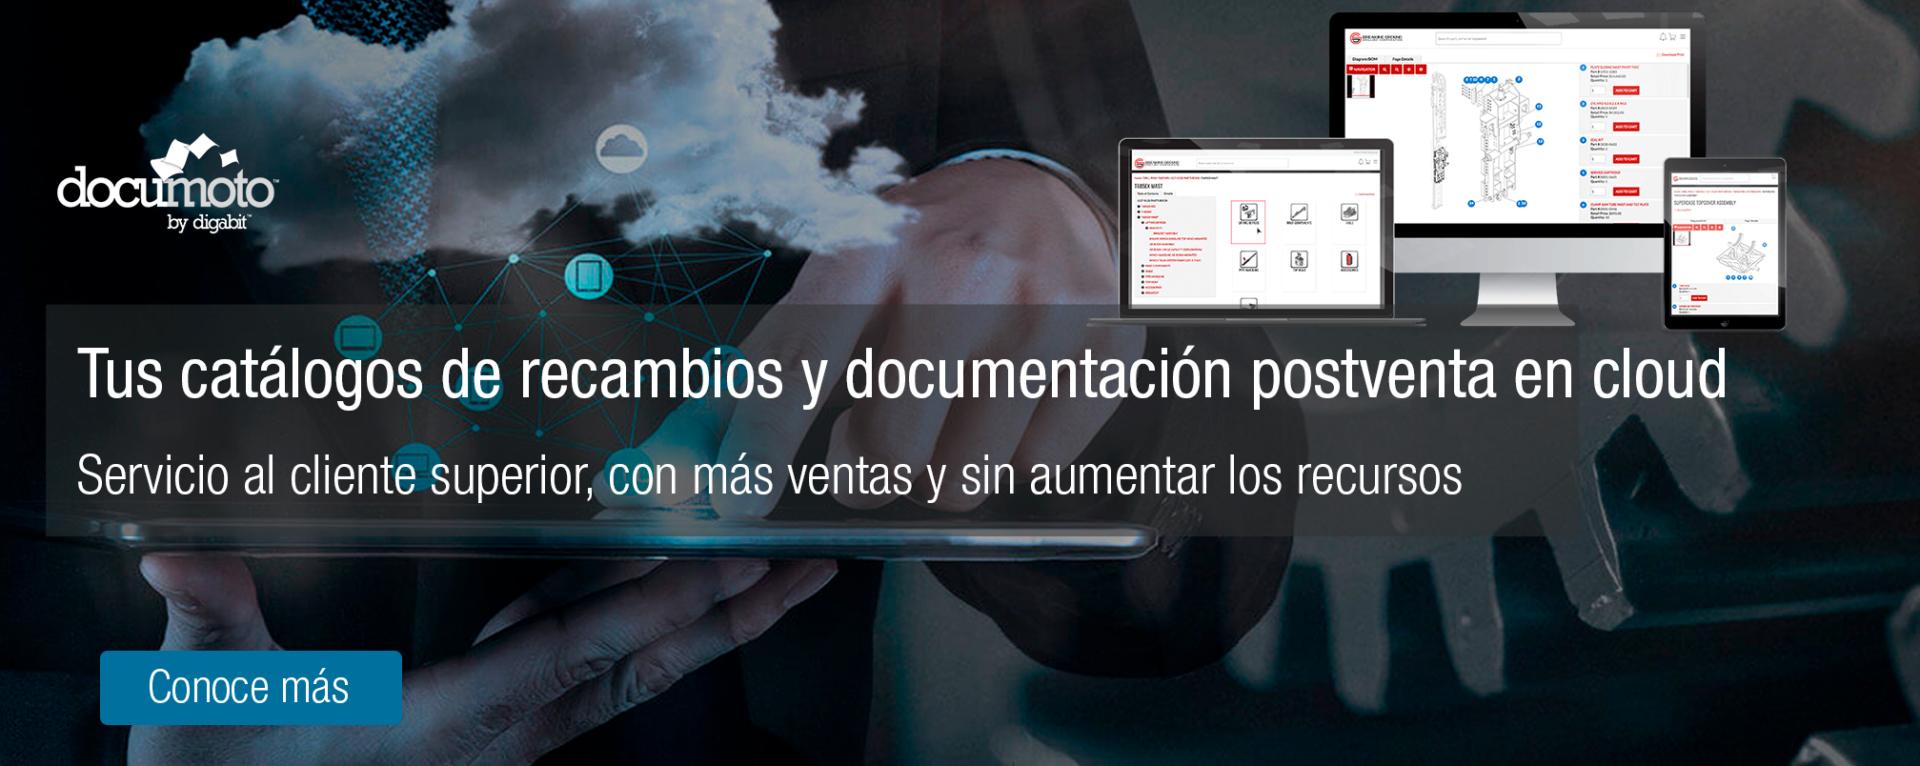 Documoto, Documentación Servicio Postventa, Catálogos de Recambios y venta On-line; por CimWorks